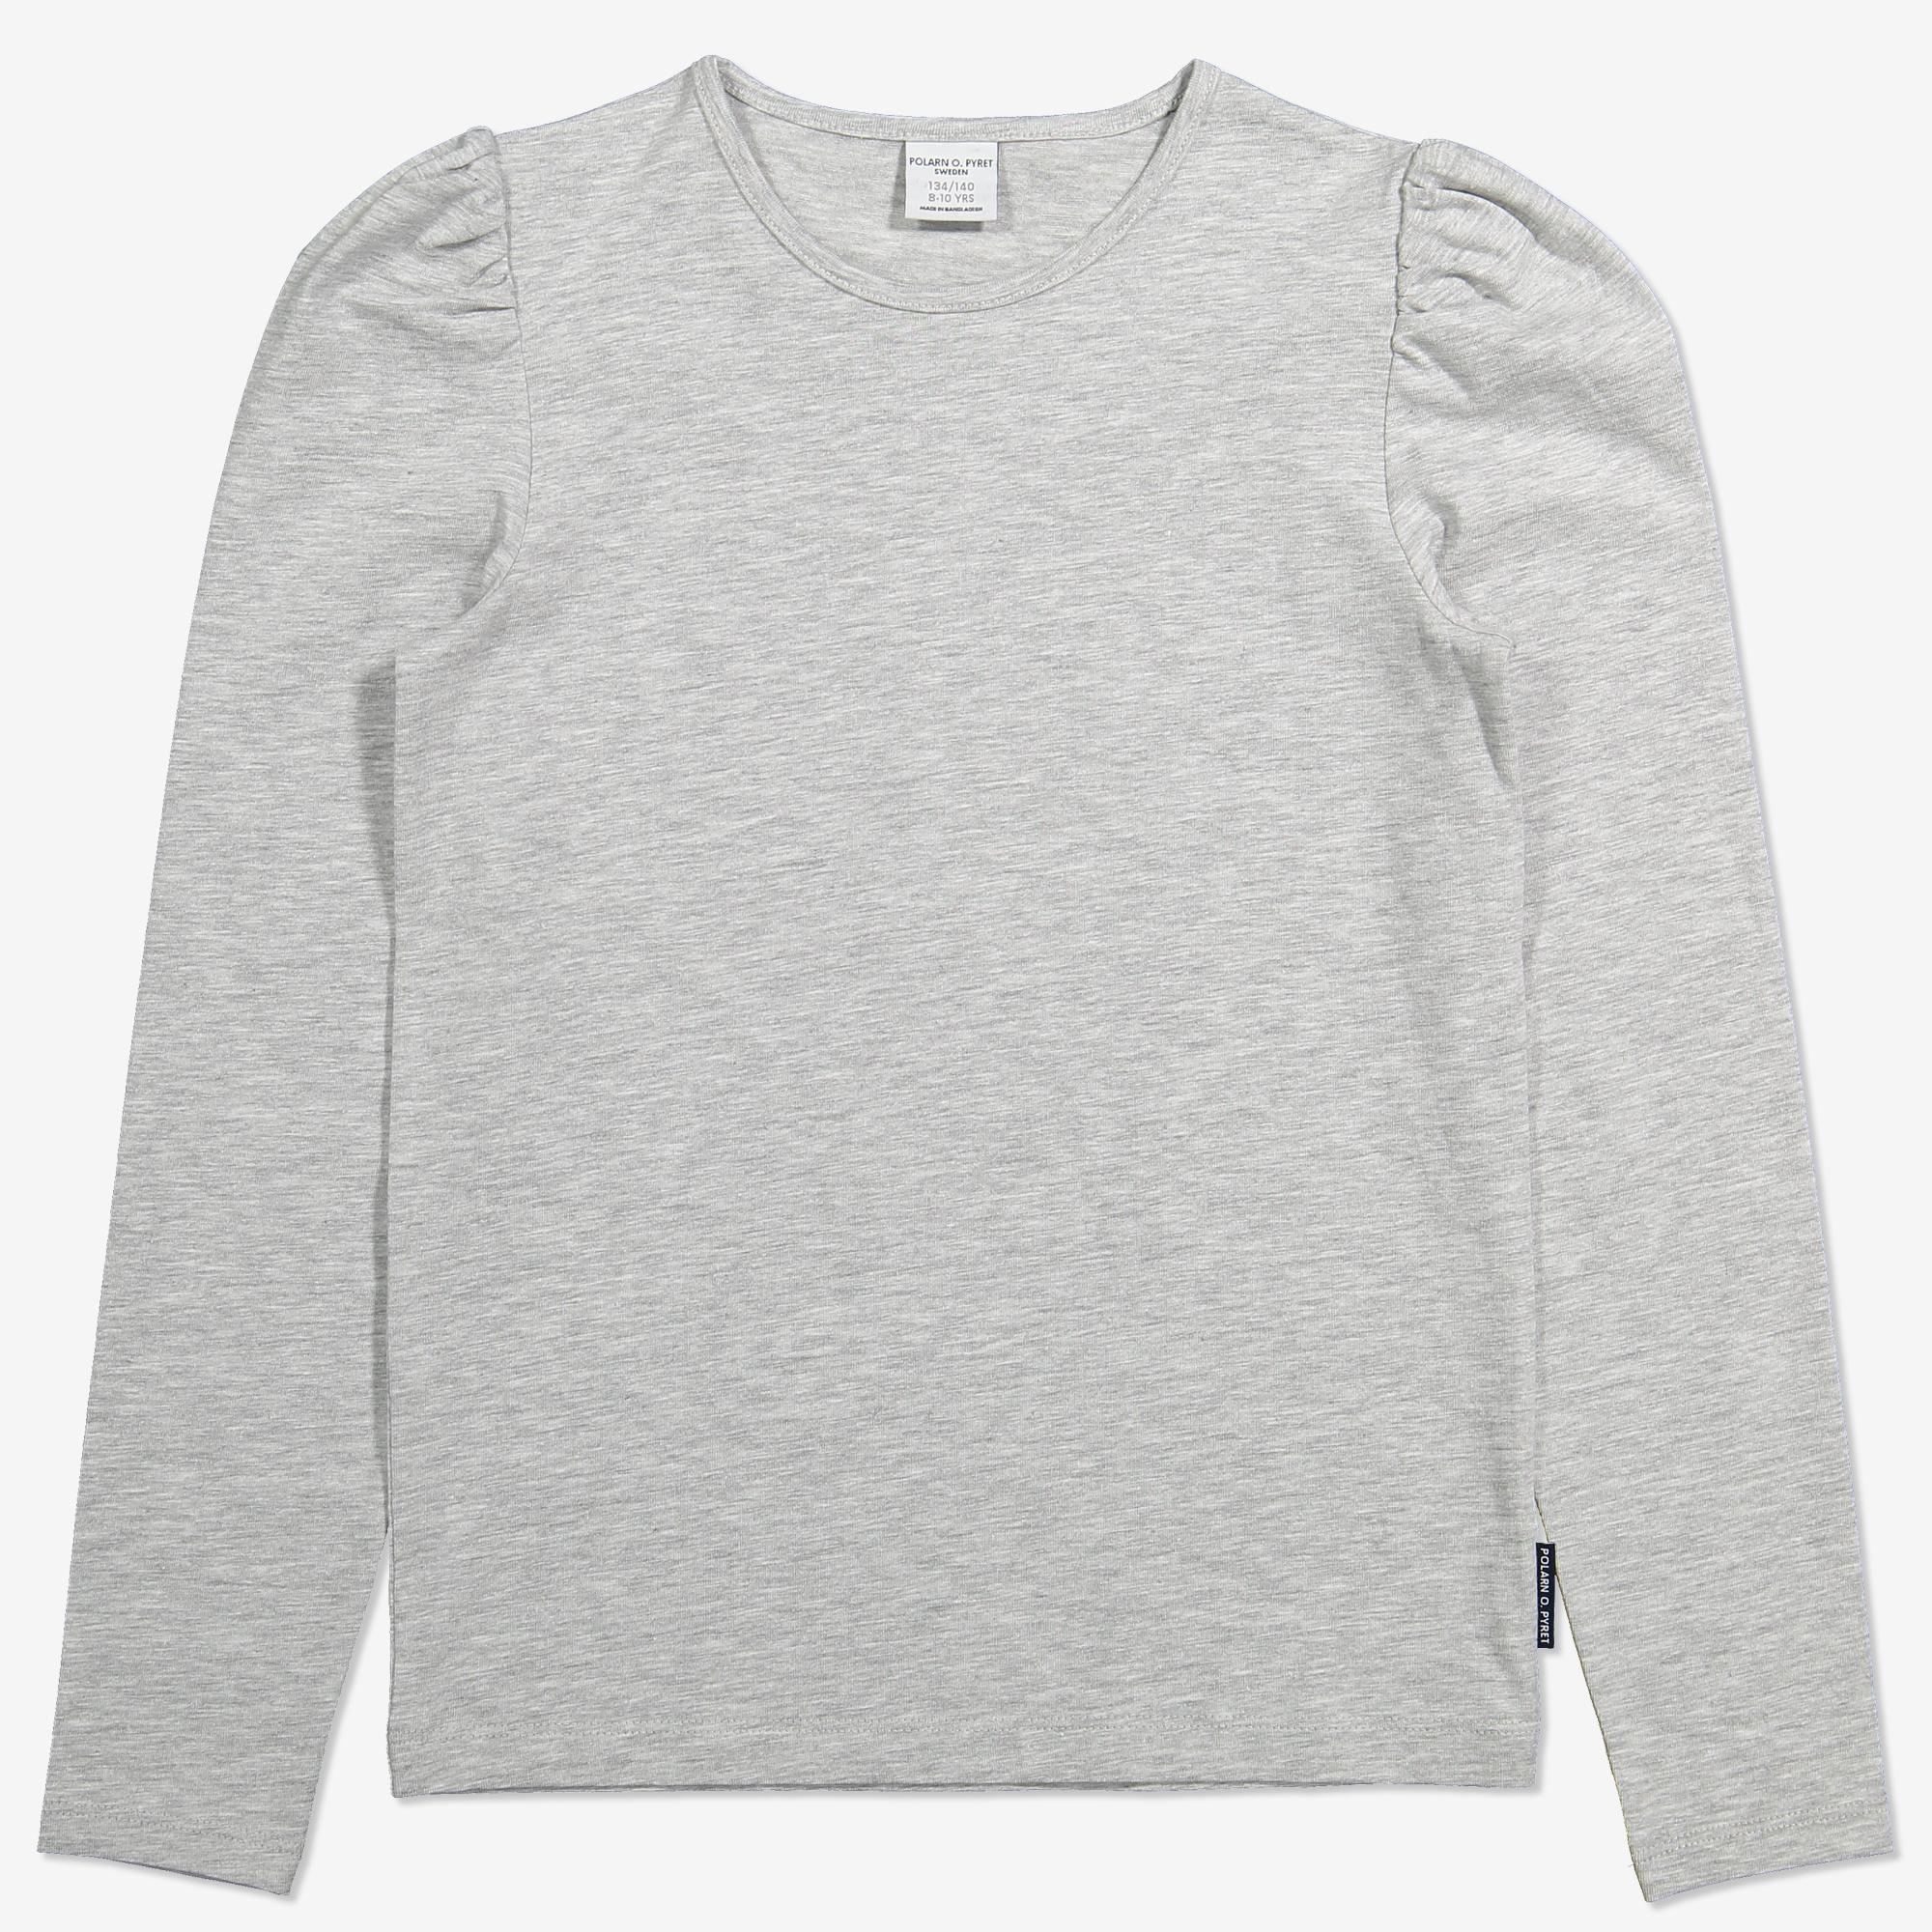 Topp med puffärm gråmelange | Polarnopyret.se